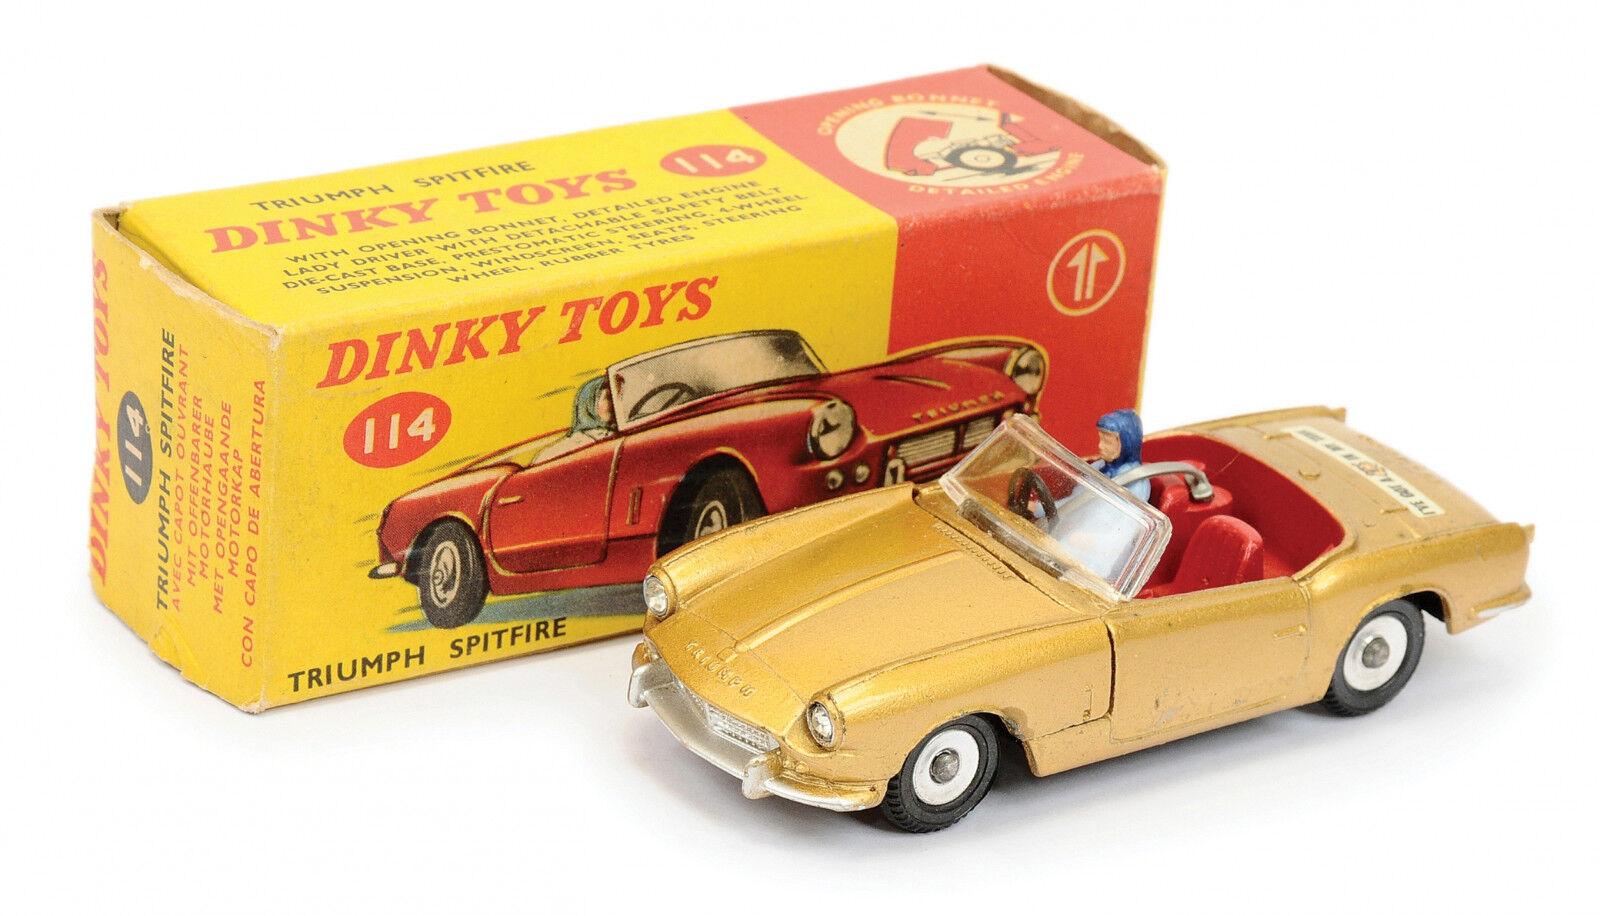 Ven a elegir tu propio estilo deportivo. Dinky Juguetes 114  Triumph Spitfire  1 43    embalaje original  1963  cómodo